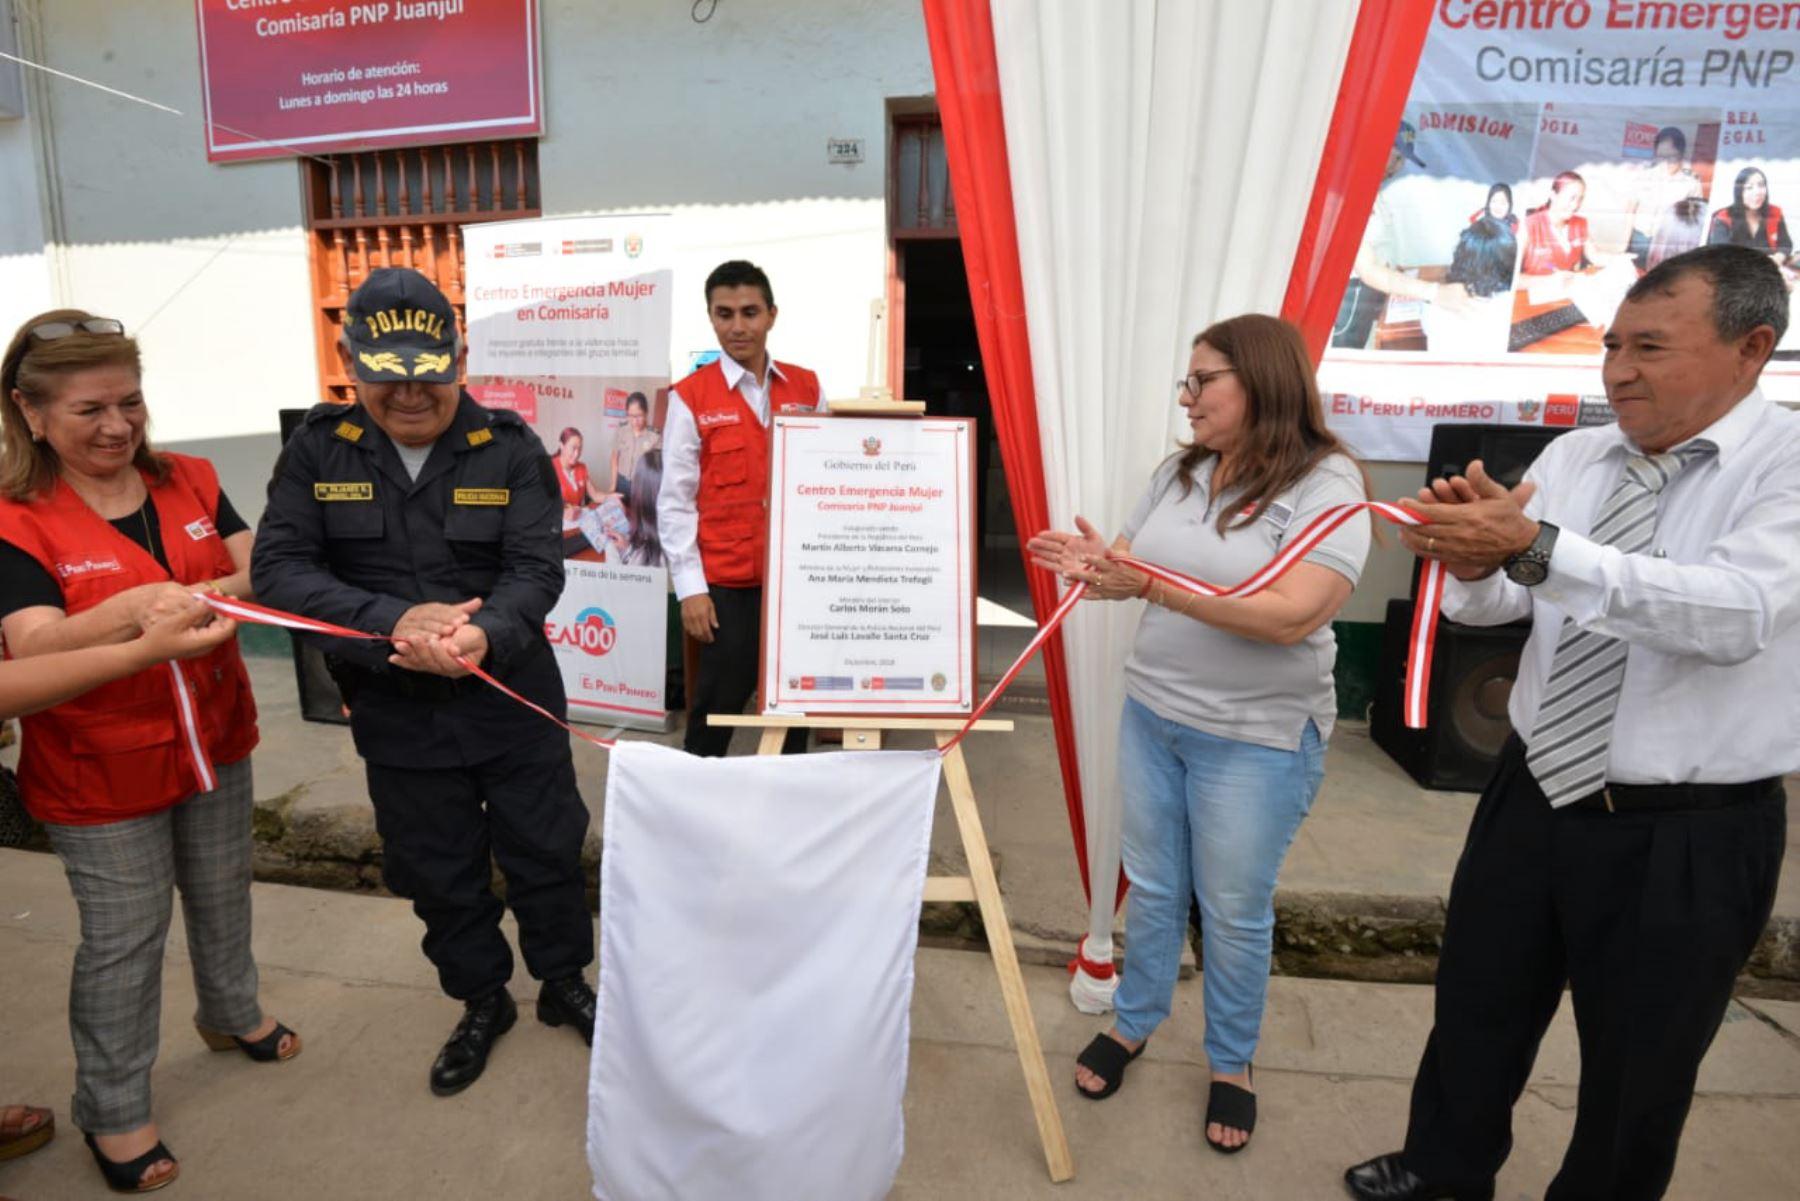 La ministra de la Mujer y Poblaciones Vulnerables, Ana María Mendieta, inauguró hoy un Centro de Emergencia Mujer (CEM) en la comisaría de Janjuí